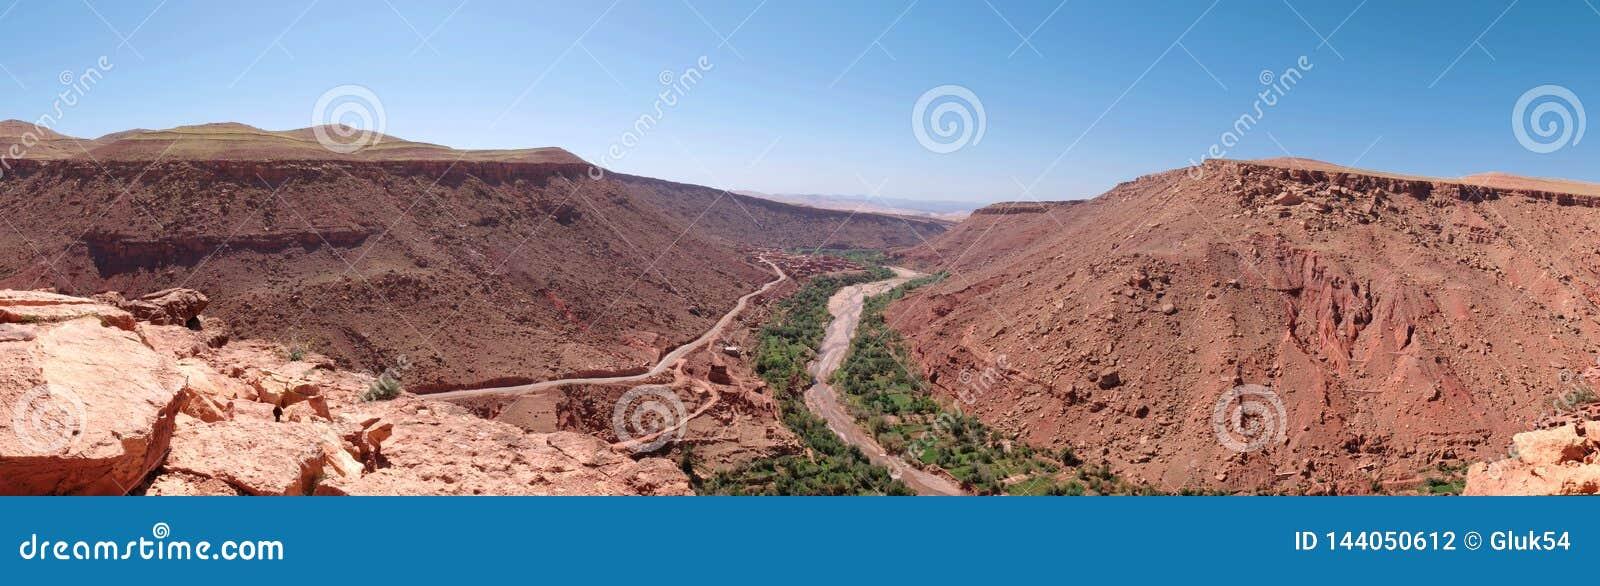 Les montagnes d atlas au Maroc, composé de roches rouges et de règlement des Berbers en gorge